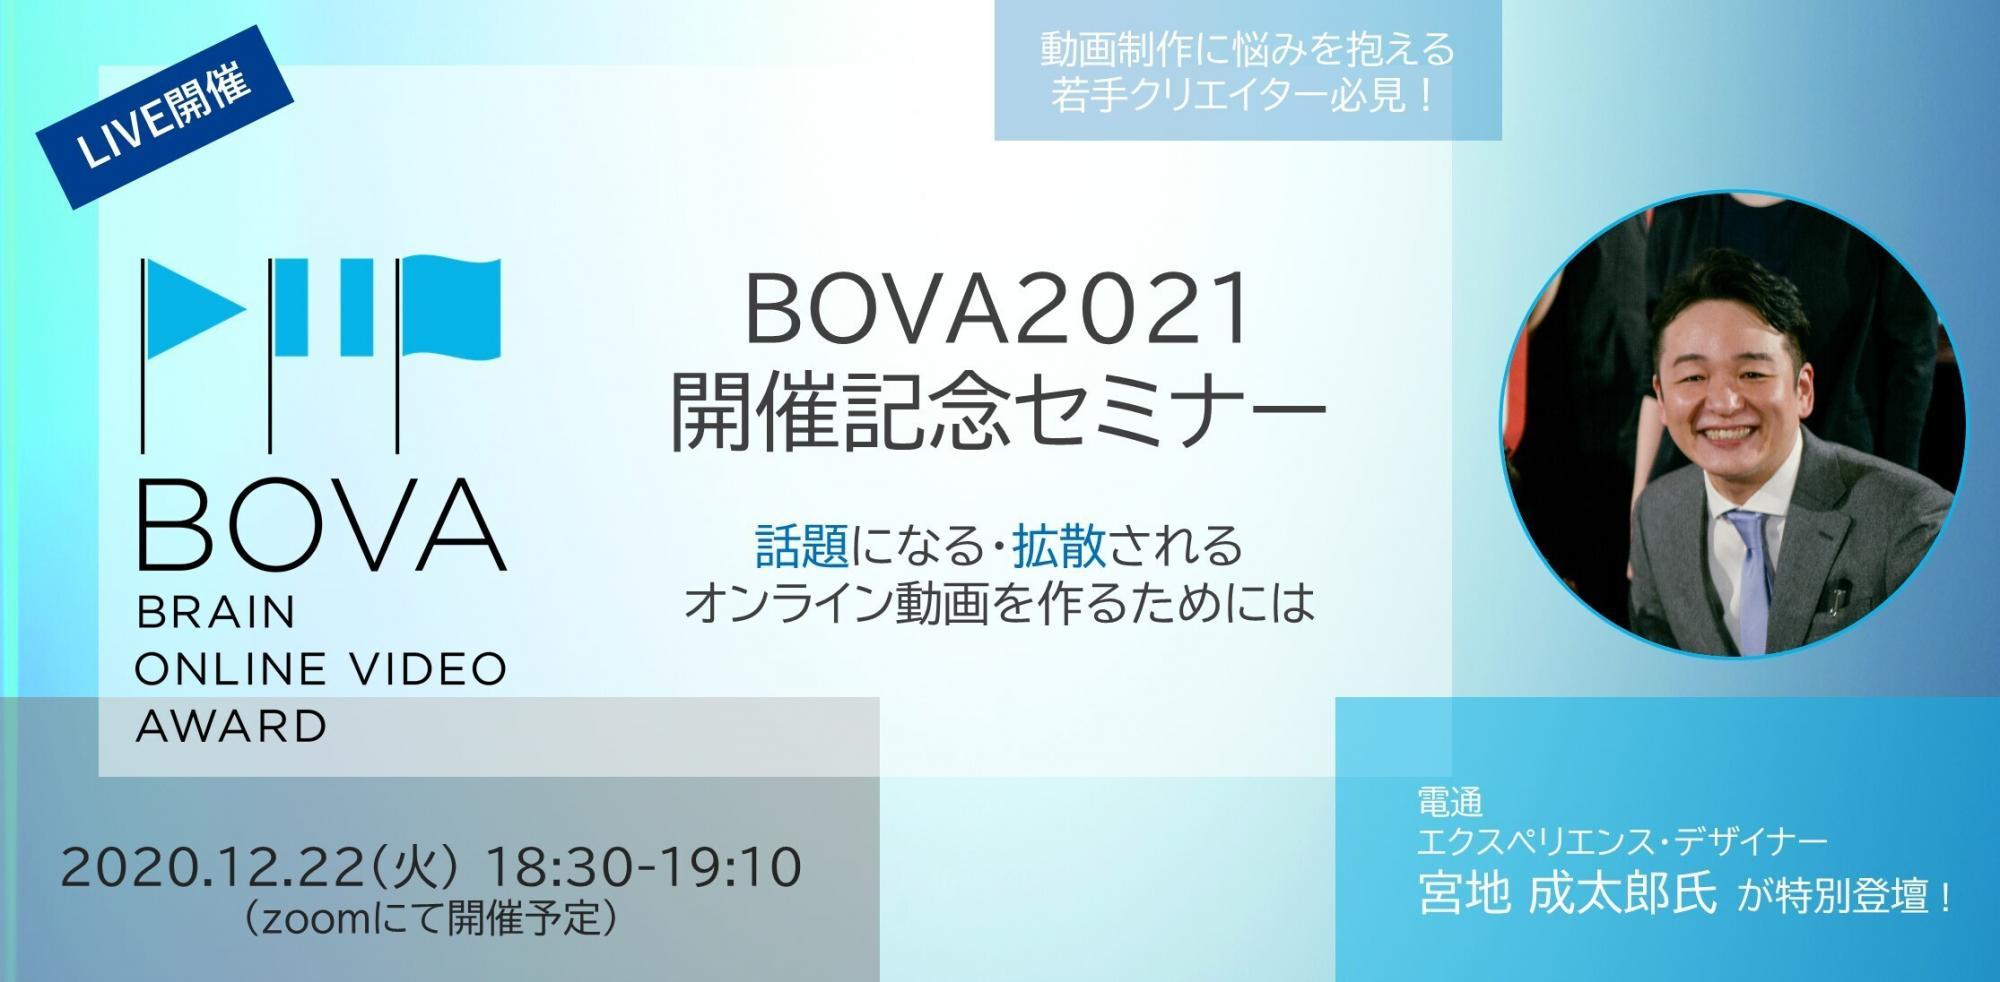 12/22 BOVA2021開催記念セミナーを開講! ※アーカイブ配信あり